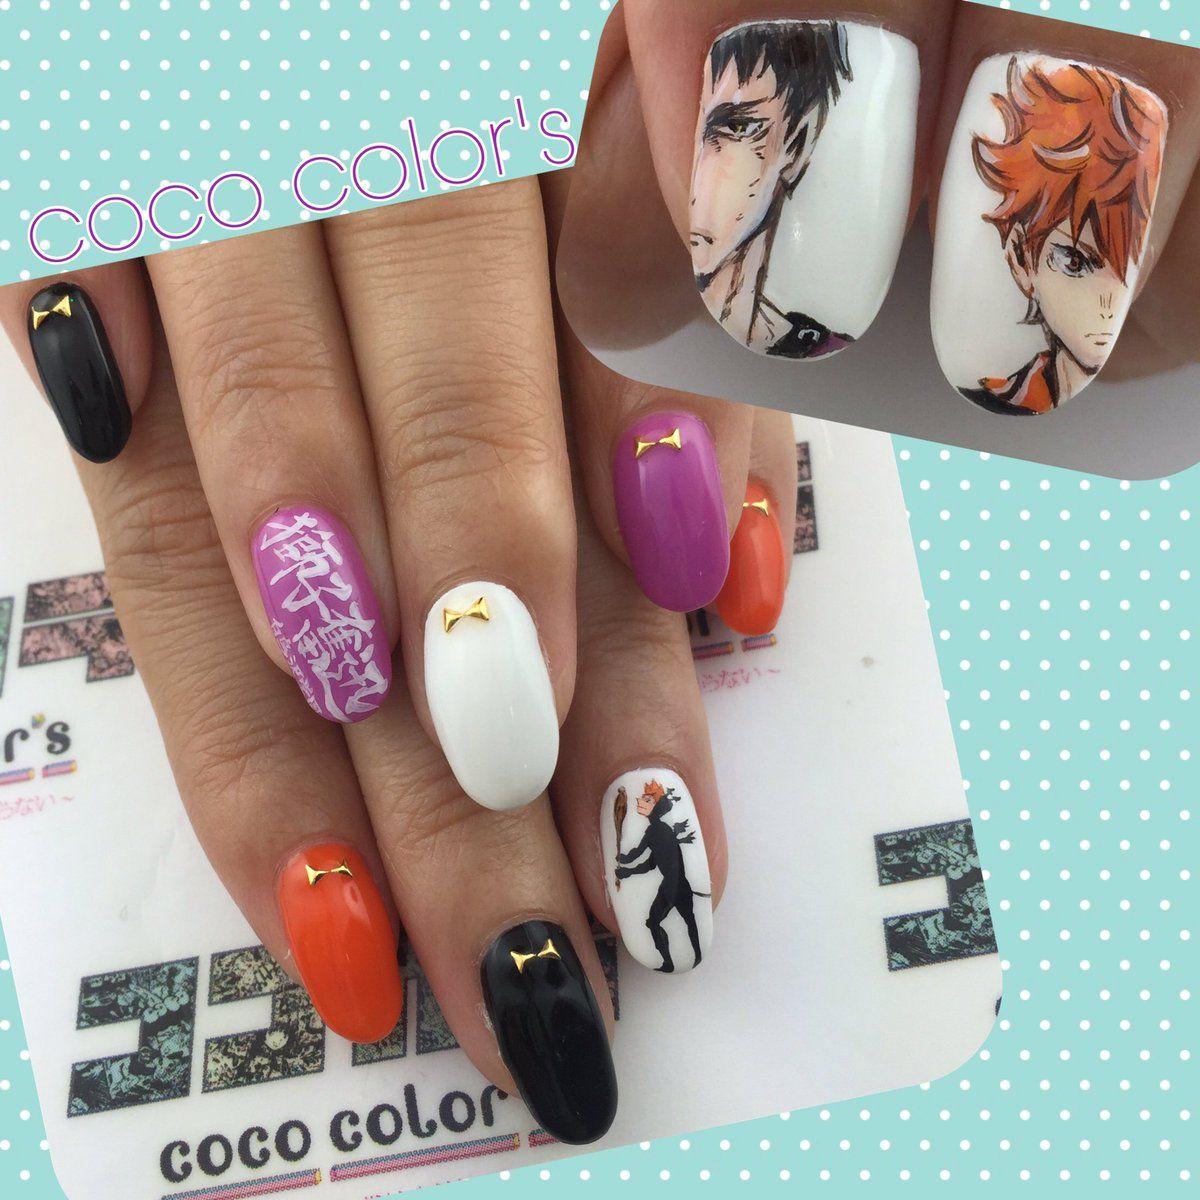 Anime nail art Haikyuu Hinata - ハイキュー!!(Haikyū!!) : Character Nail Art Nail Catoon